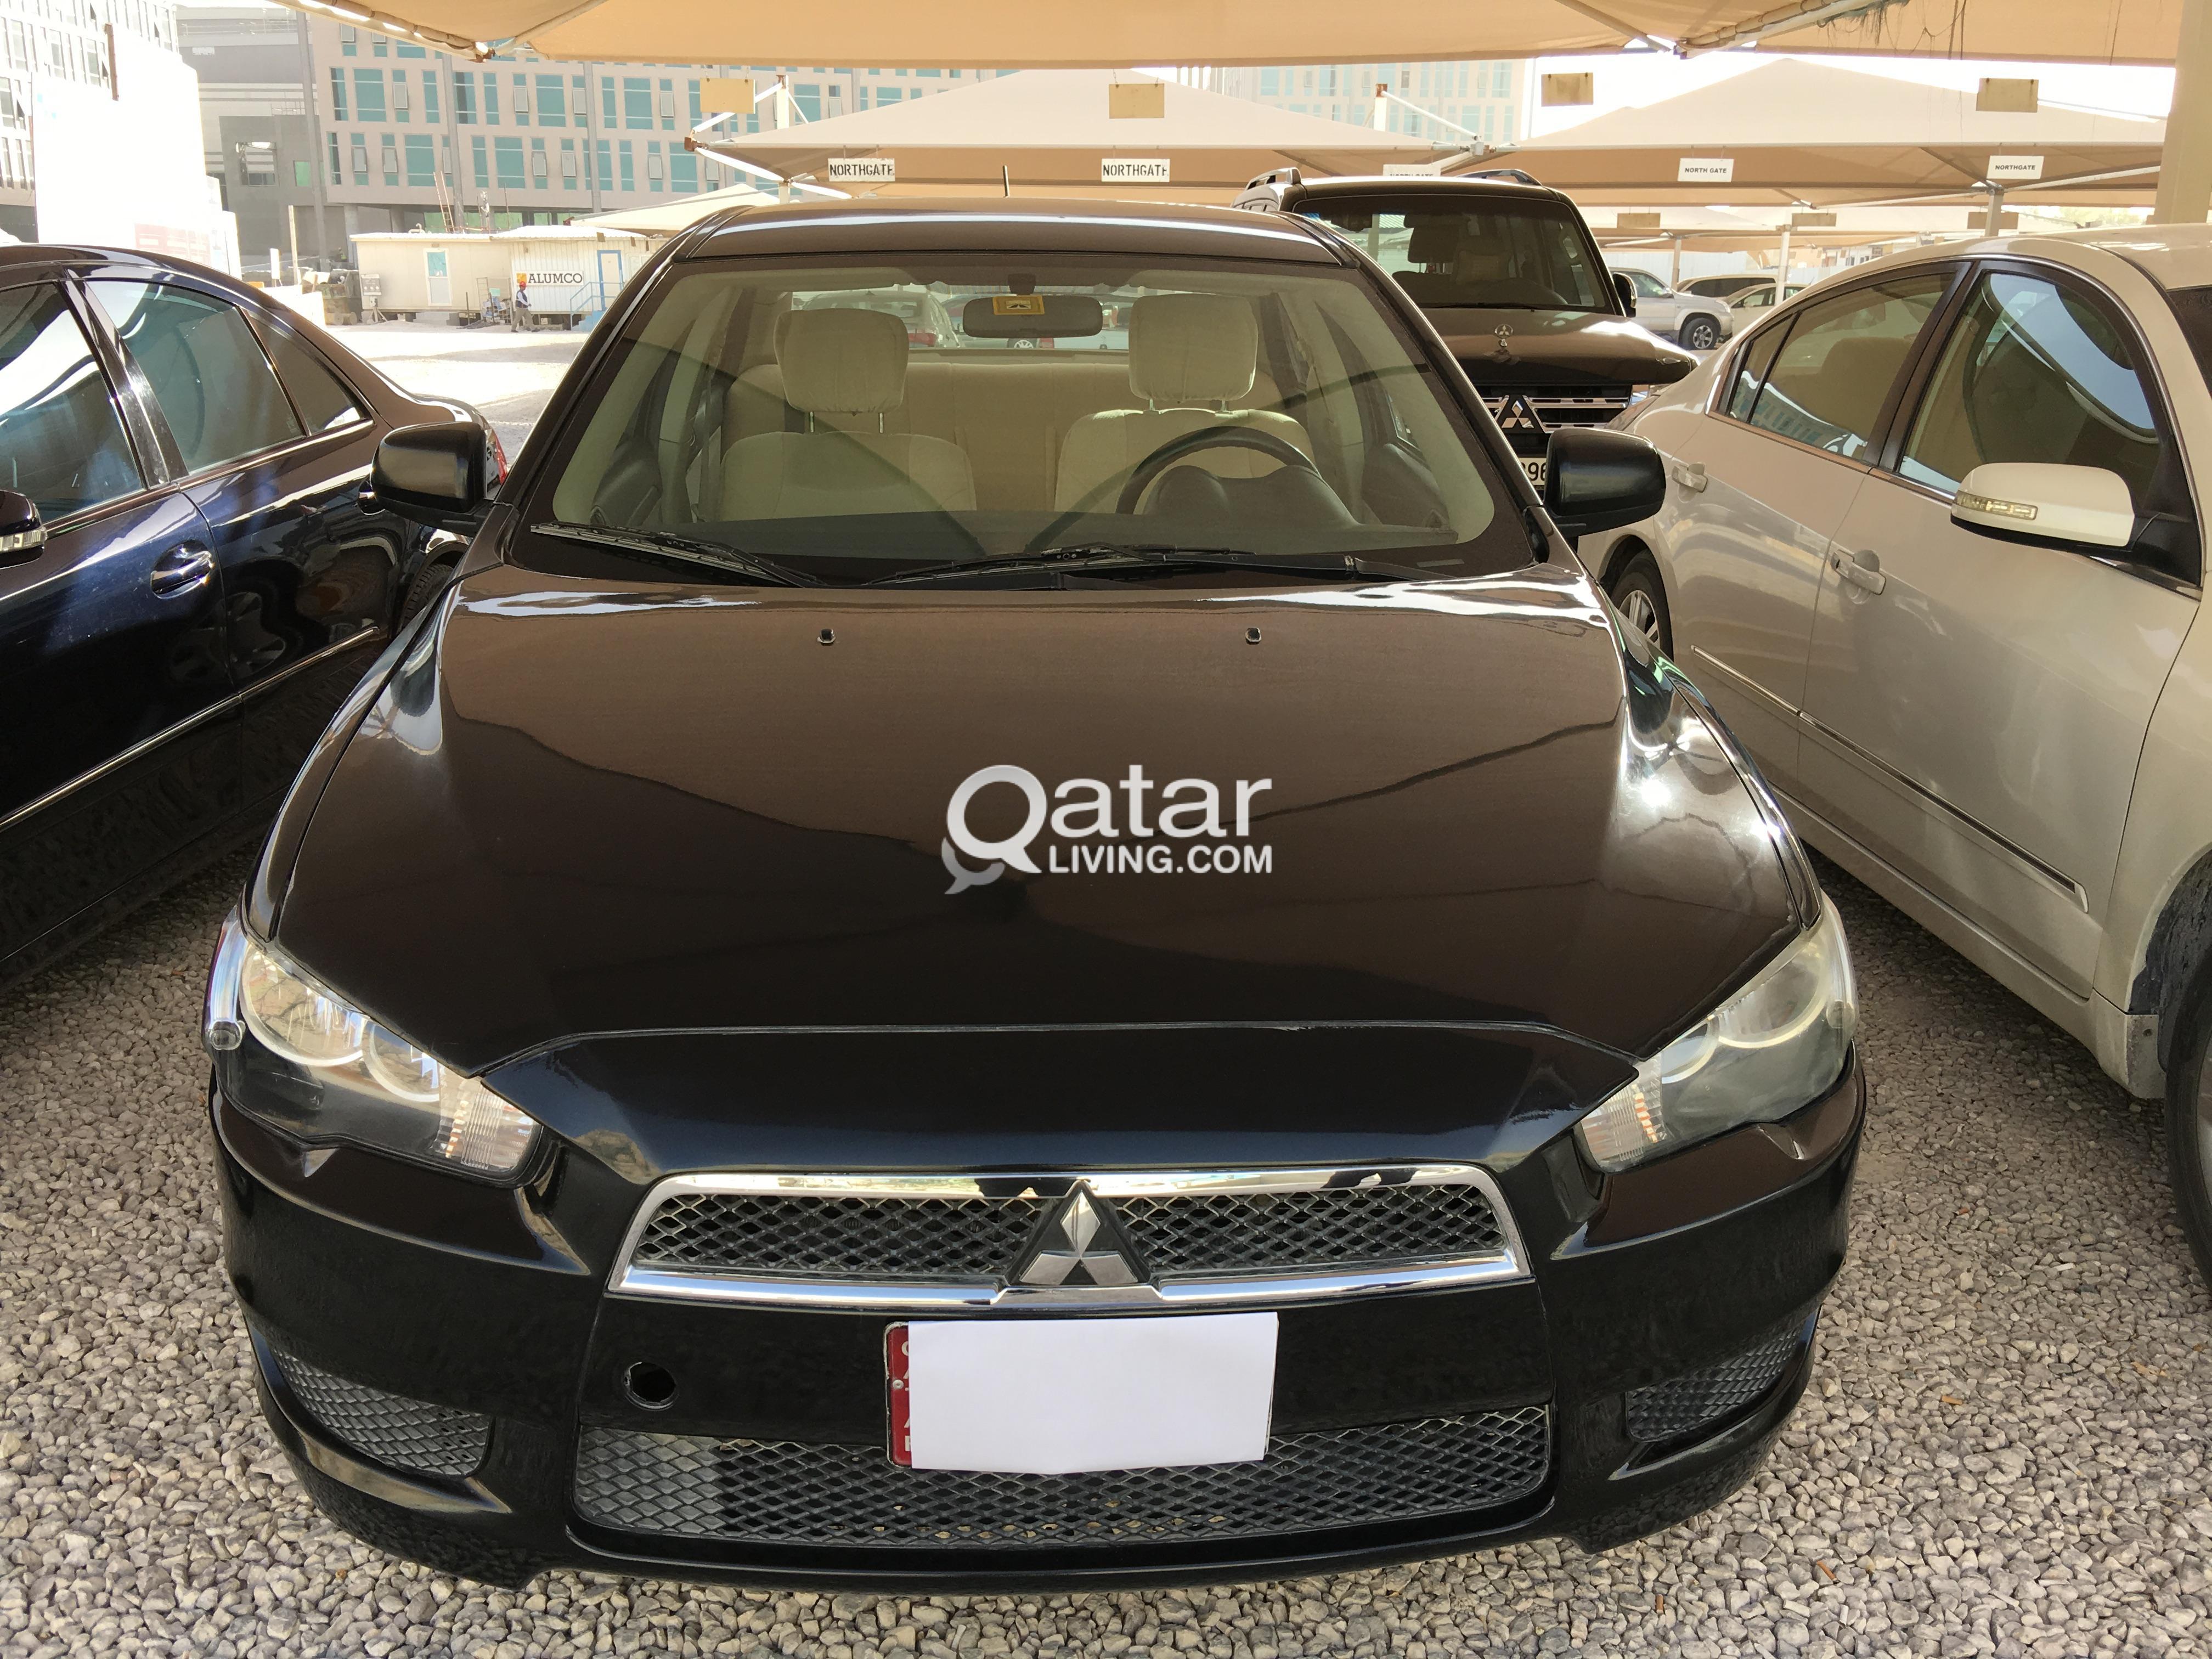 Mitsubishi Lancer EX 2008-2000 CC | Qatar Living